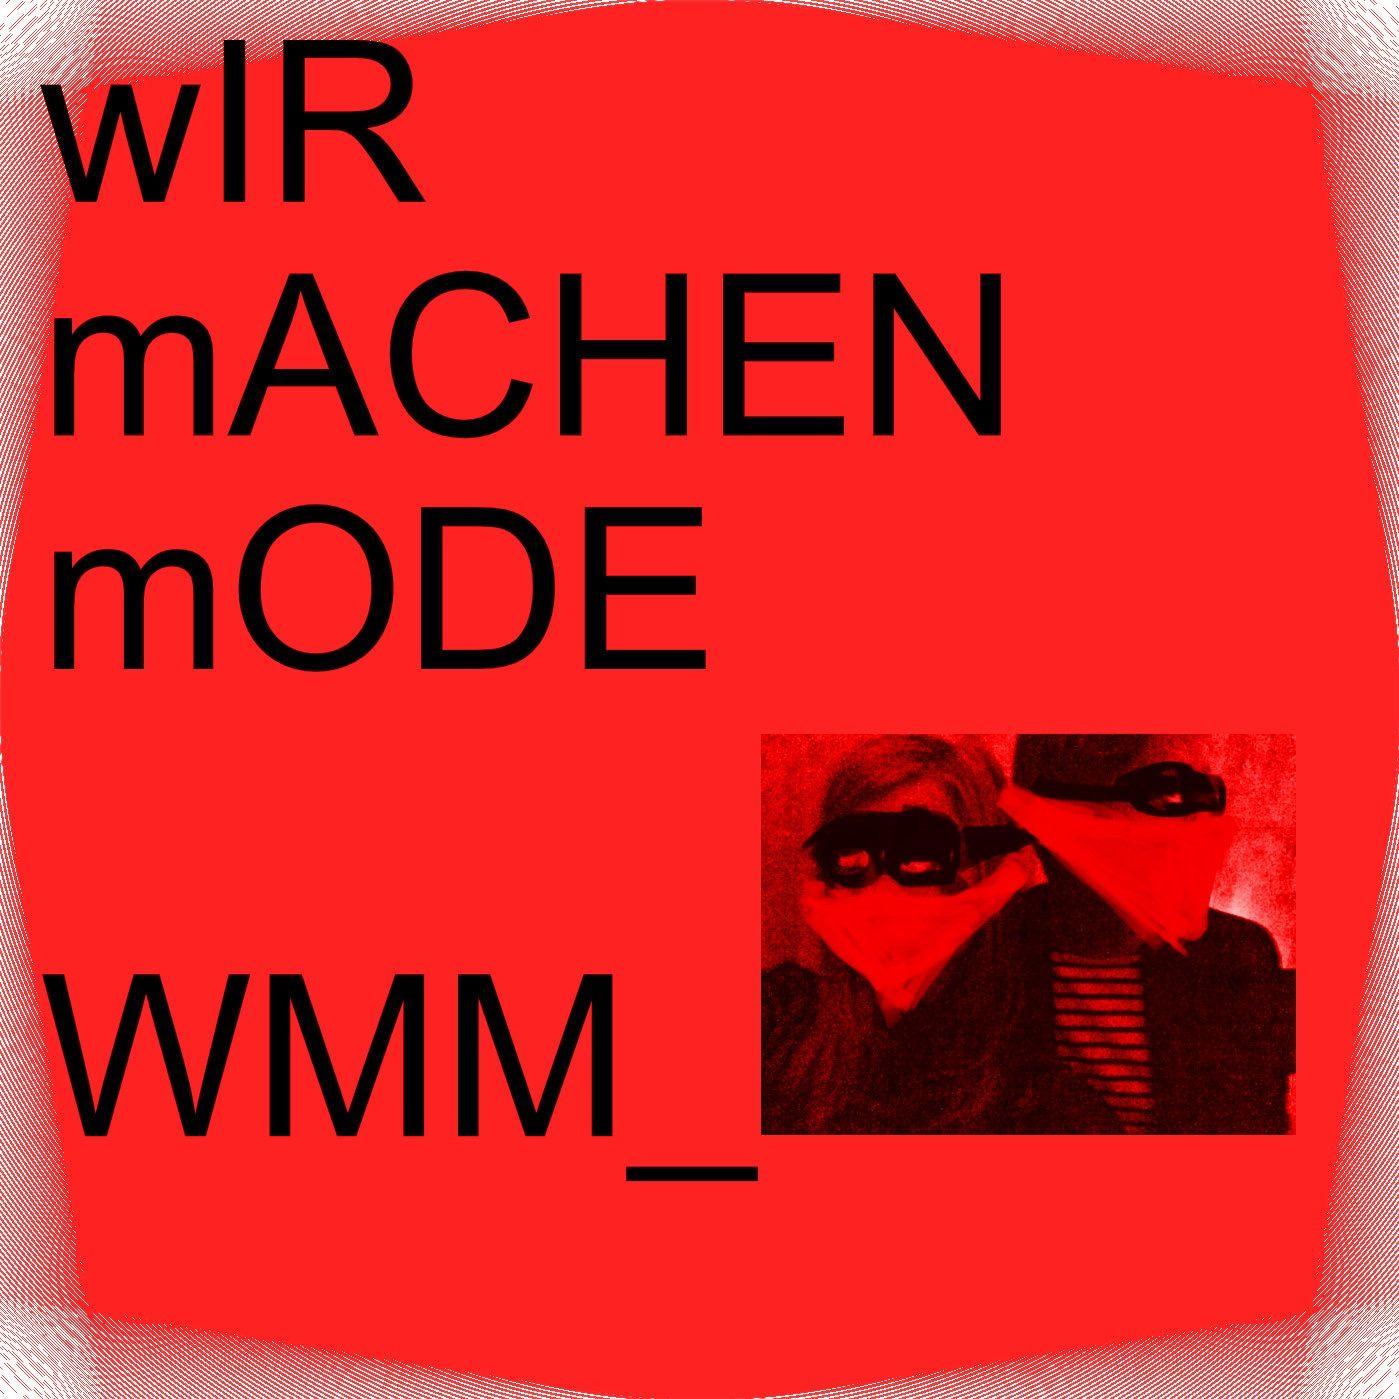 WMM 1 _ eRSTER aUFSCHLAG _ eRSTE tHEMEN